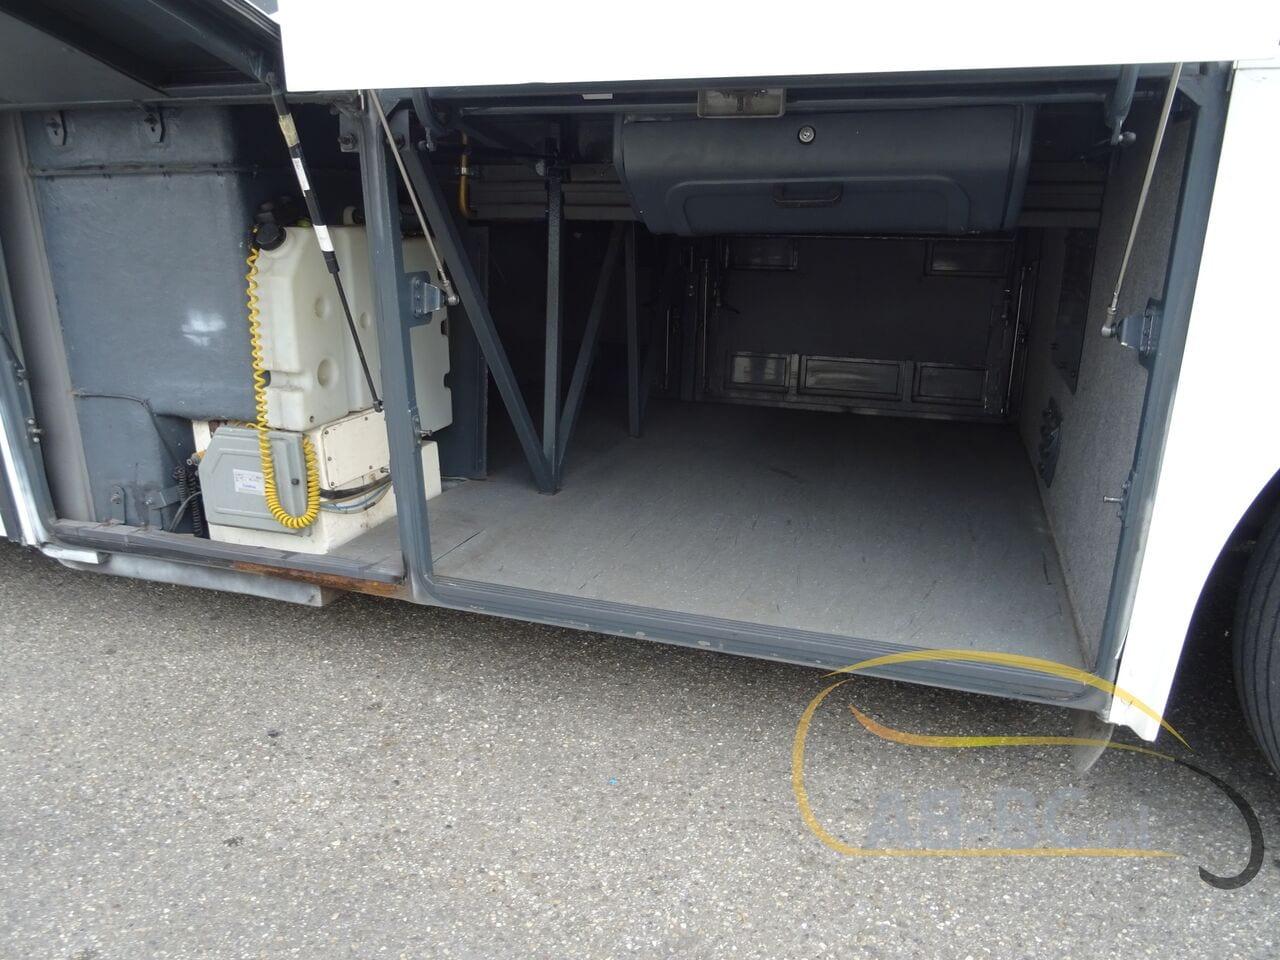 coach-busTEMSA-Safari-HD-51-Seats-EURO5-12-MTR---1614266434167819400_big_91c8497a0eedd45ec5fe2c5b538843dc--19052917224730818200